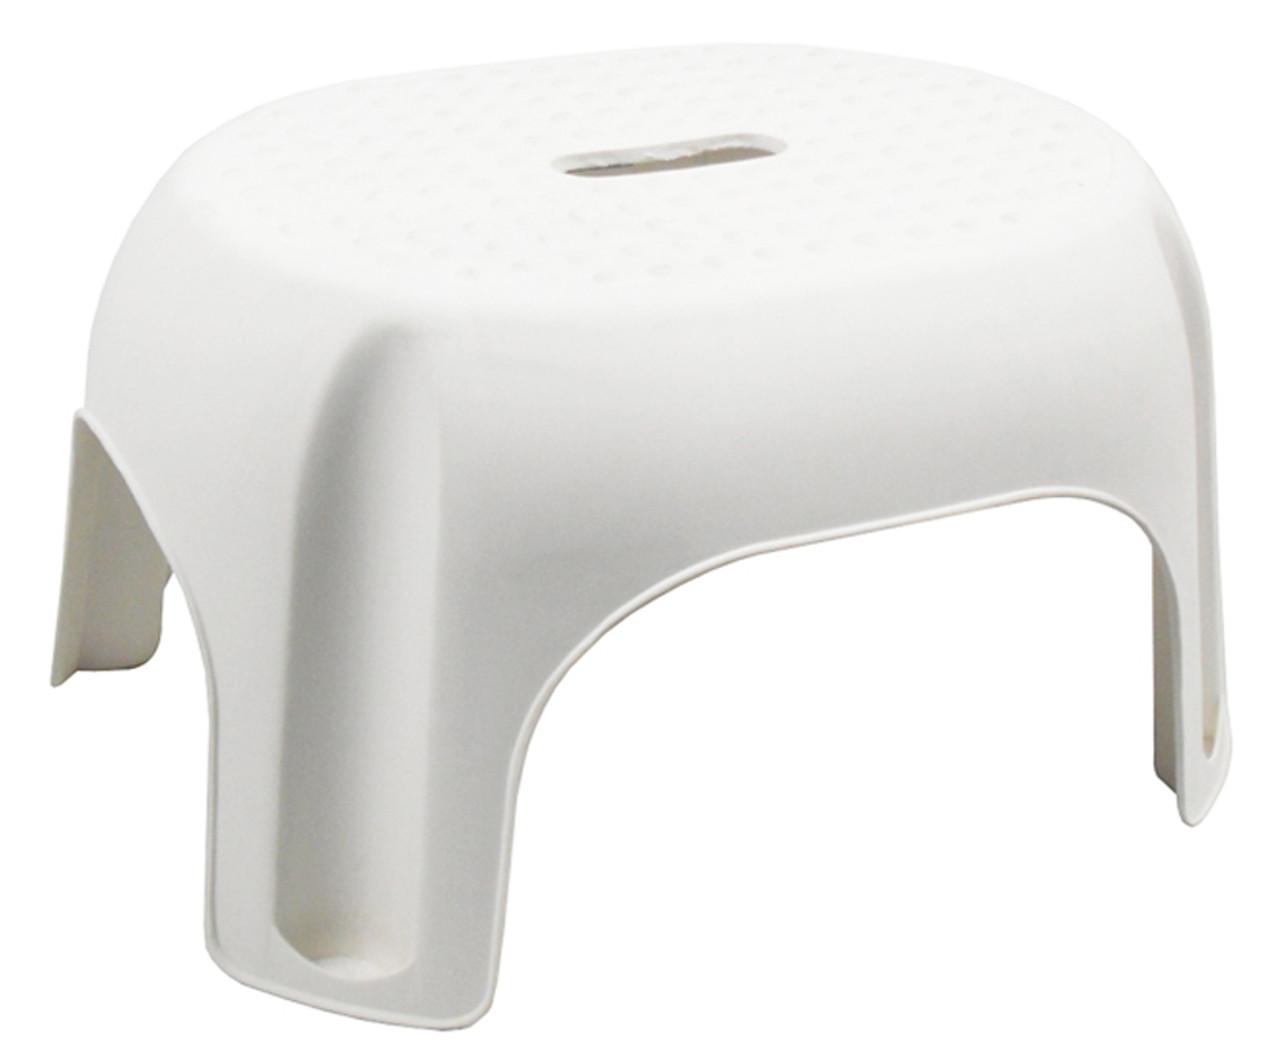 Remarkable Italplast I 419 Plastic Single Step Stool Evergreenethics Interior Chair Design Evergreenethicsorg